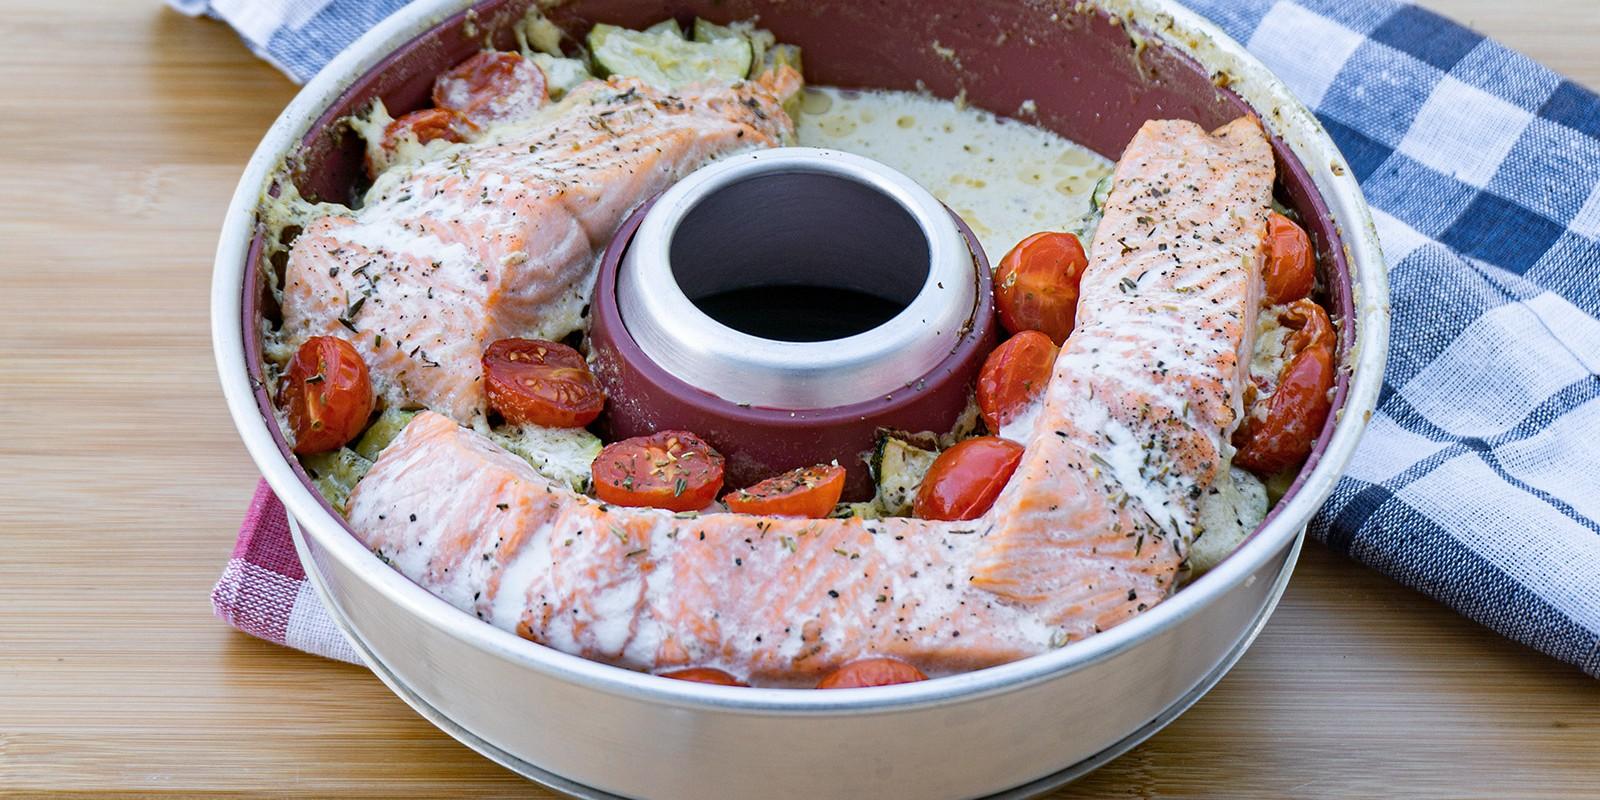 <span>Omnia Rezept - Zucchini-Kartoffelgratin mit Lachs</span>